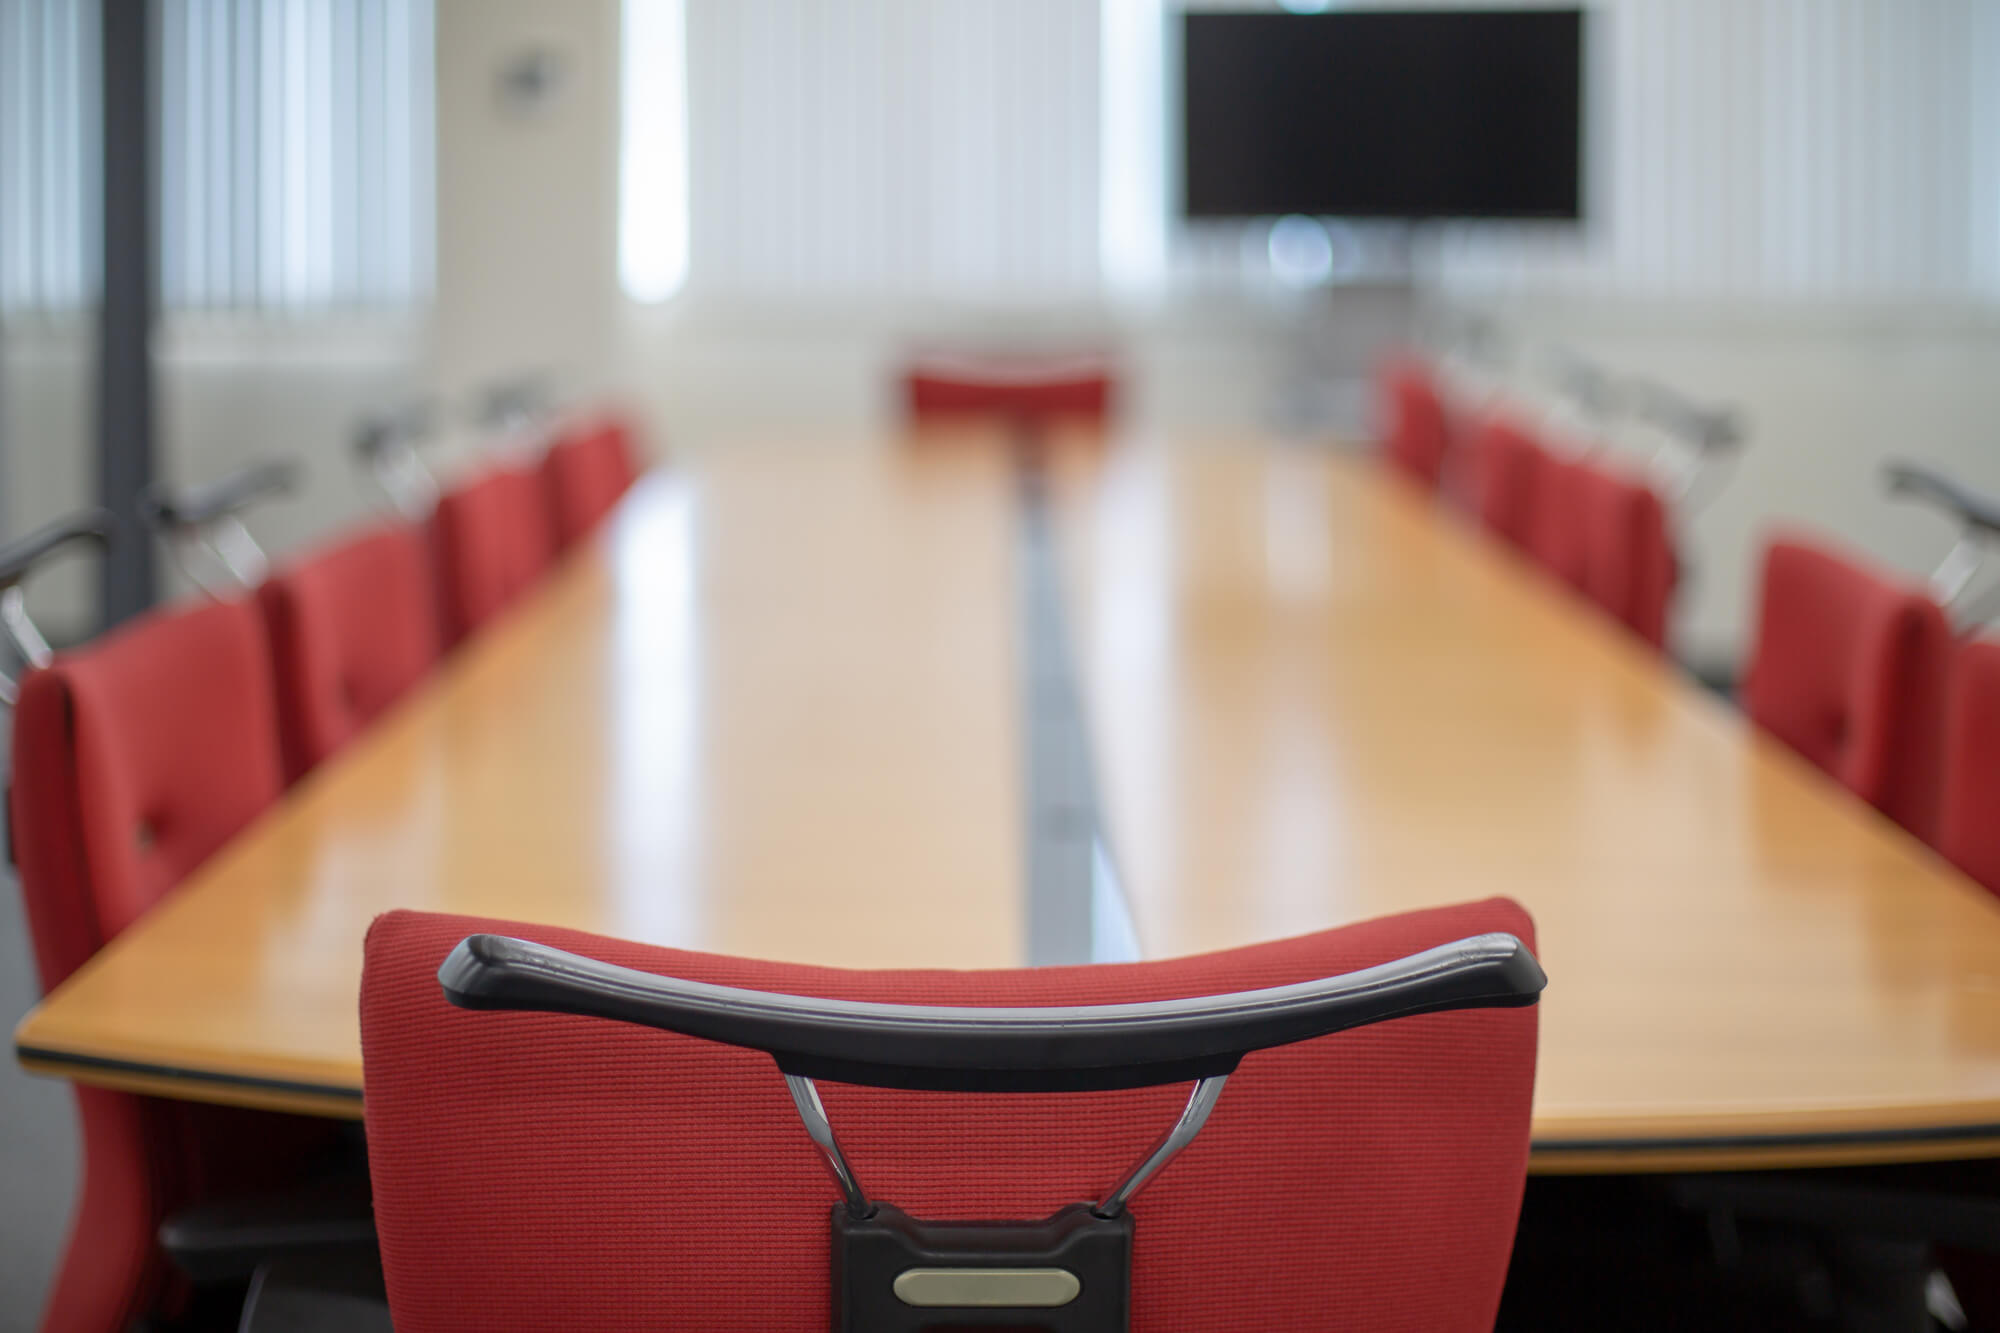 テレビ会議|安定したネットワーク環境なので数十人以上の大規模な会議や国際会議、打ち合わせにおすすめ